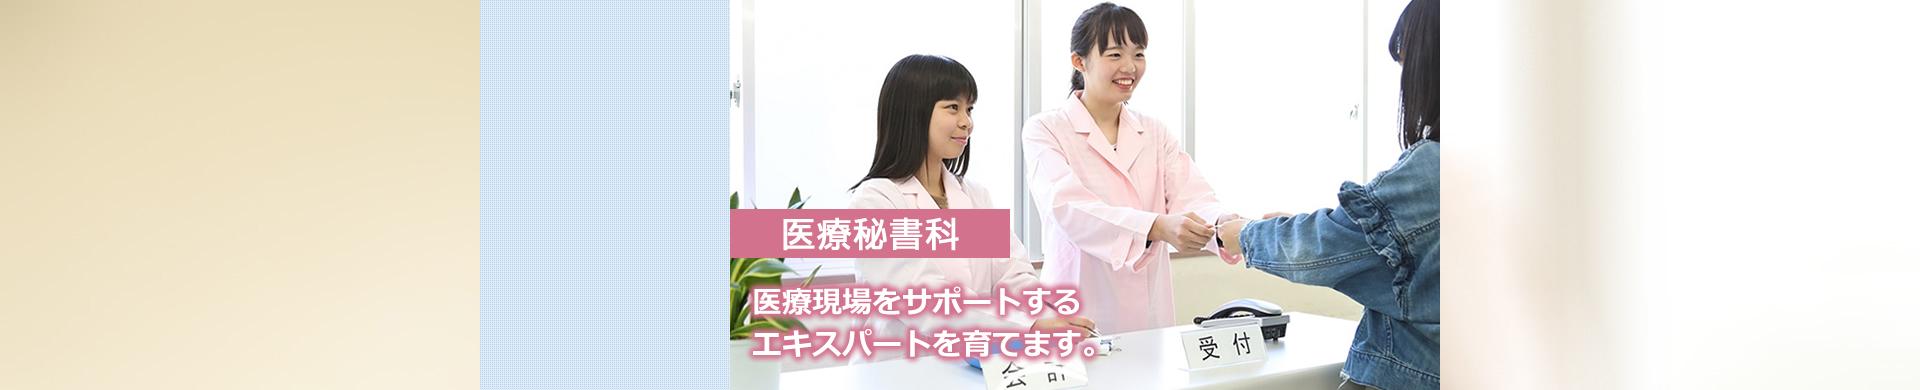 医療秘書科では、医療現場をサポートするエキスパートを育てます。